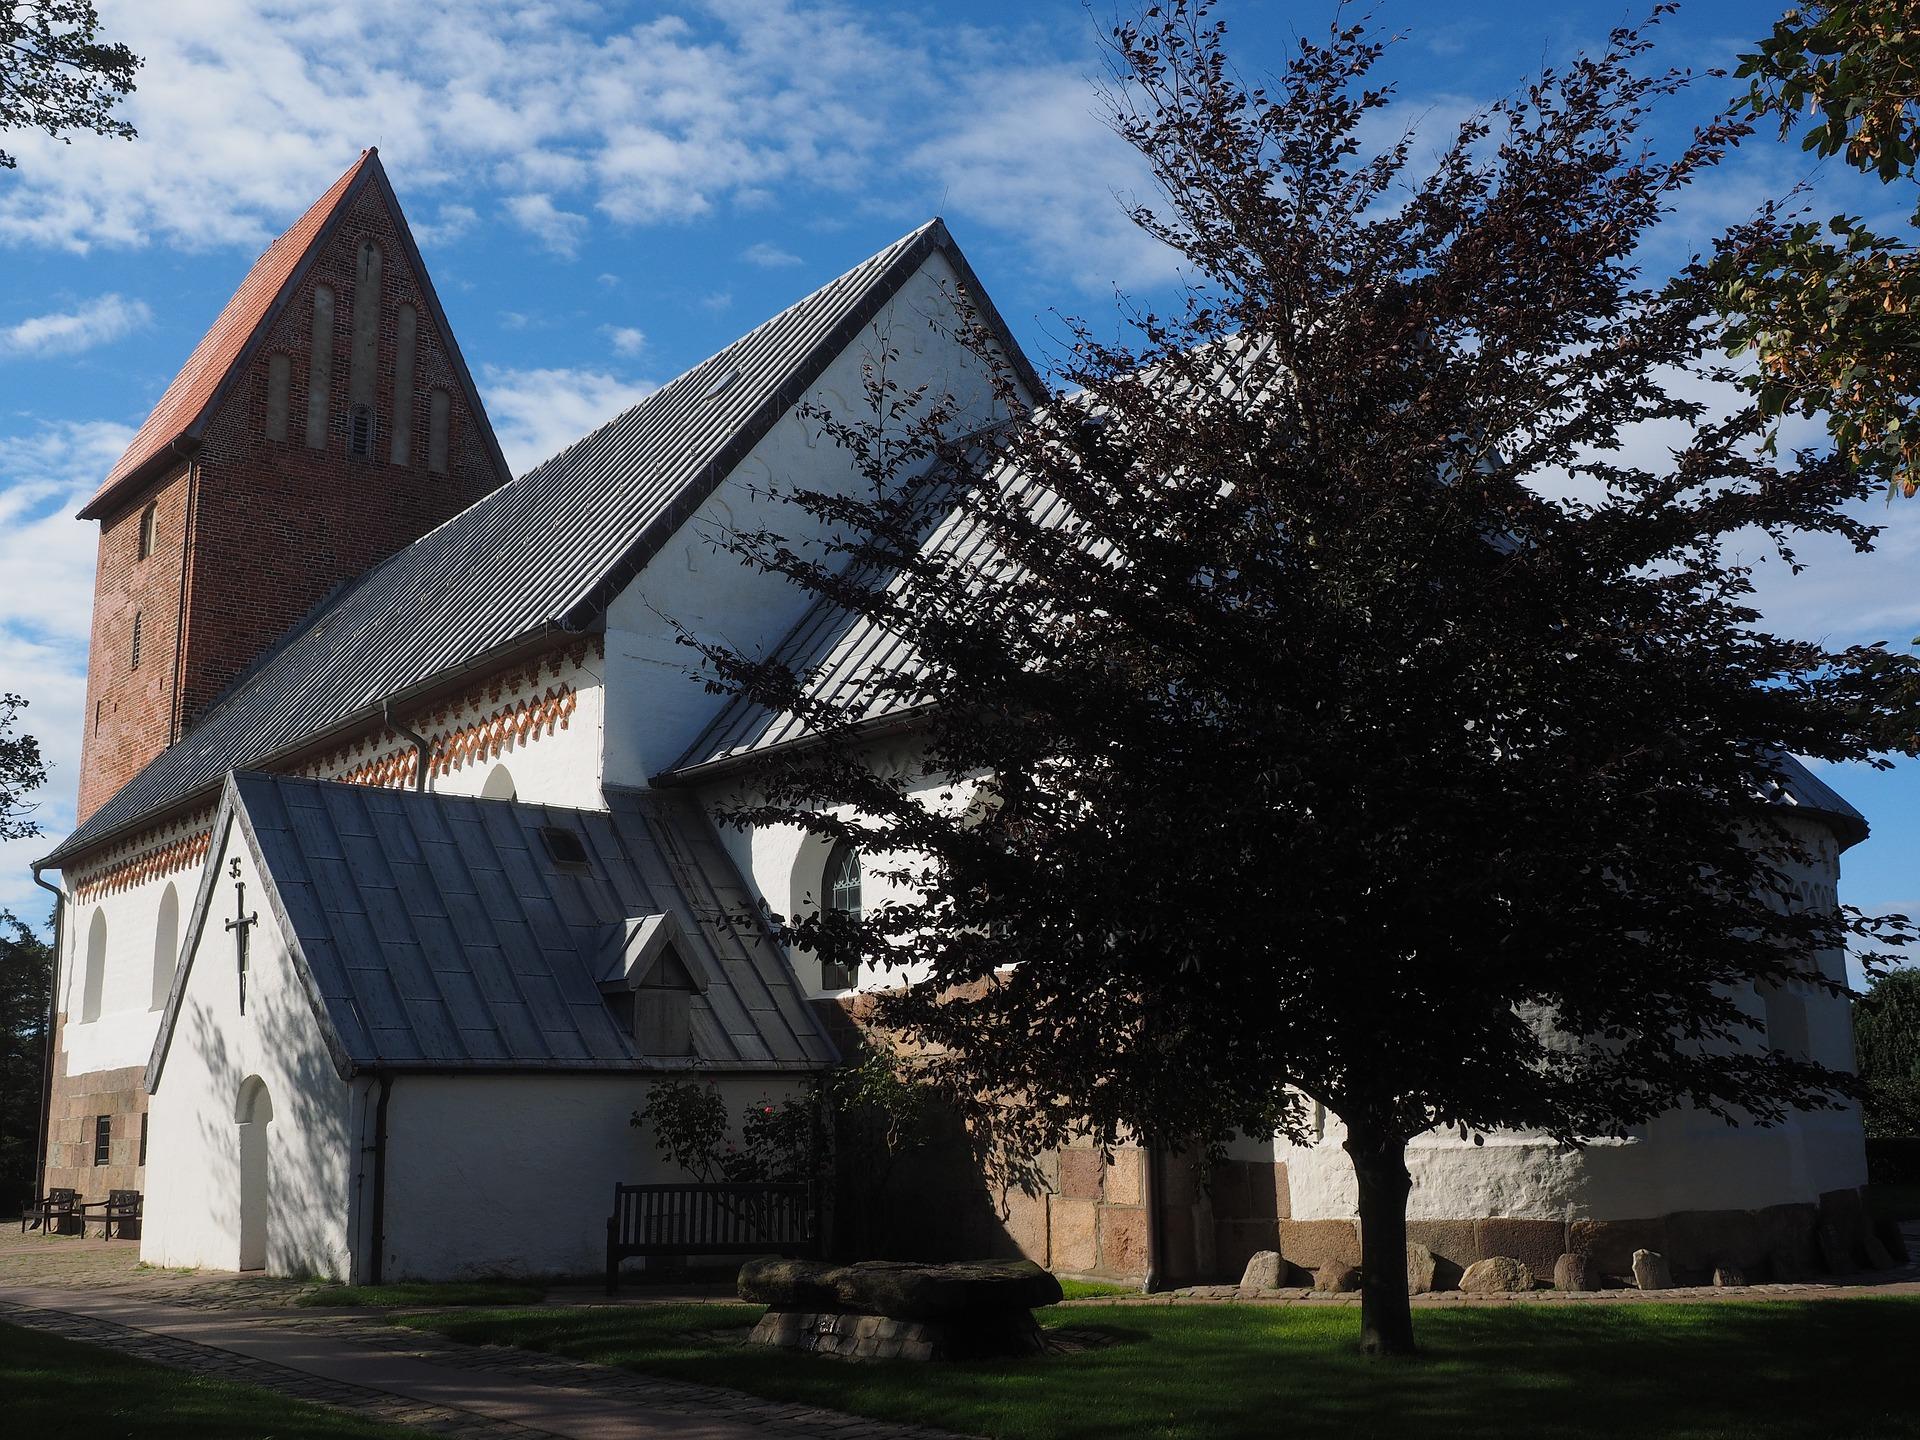 Der außergewöhnliche Sakralbau der St. Severin Kirche auf Sylt